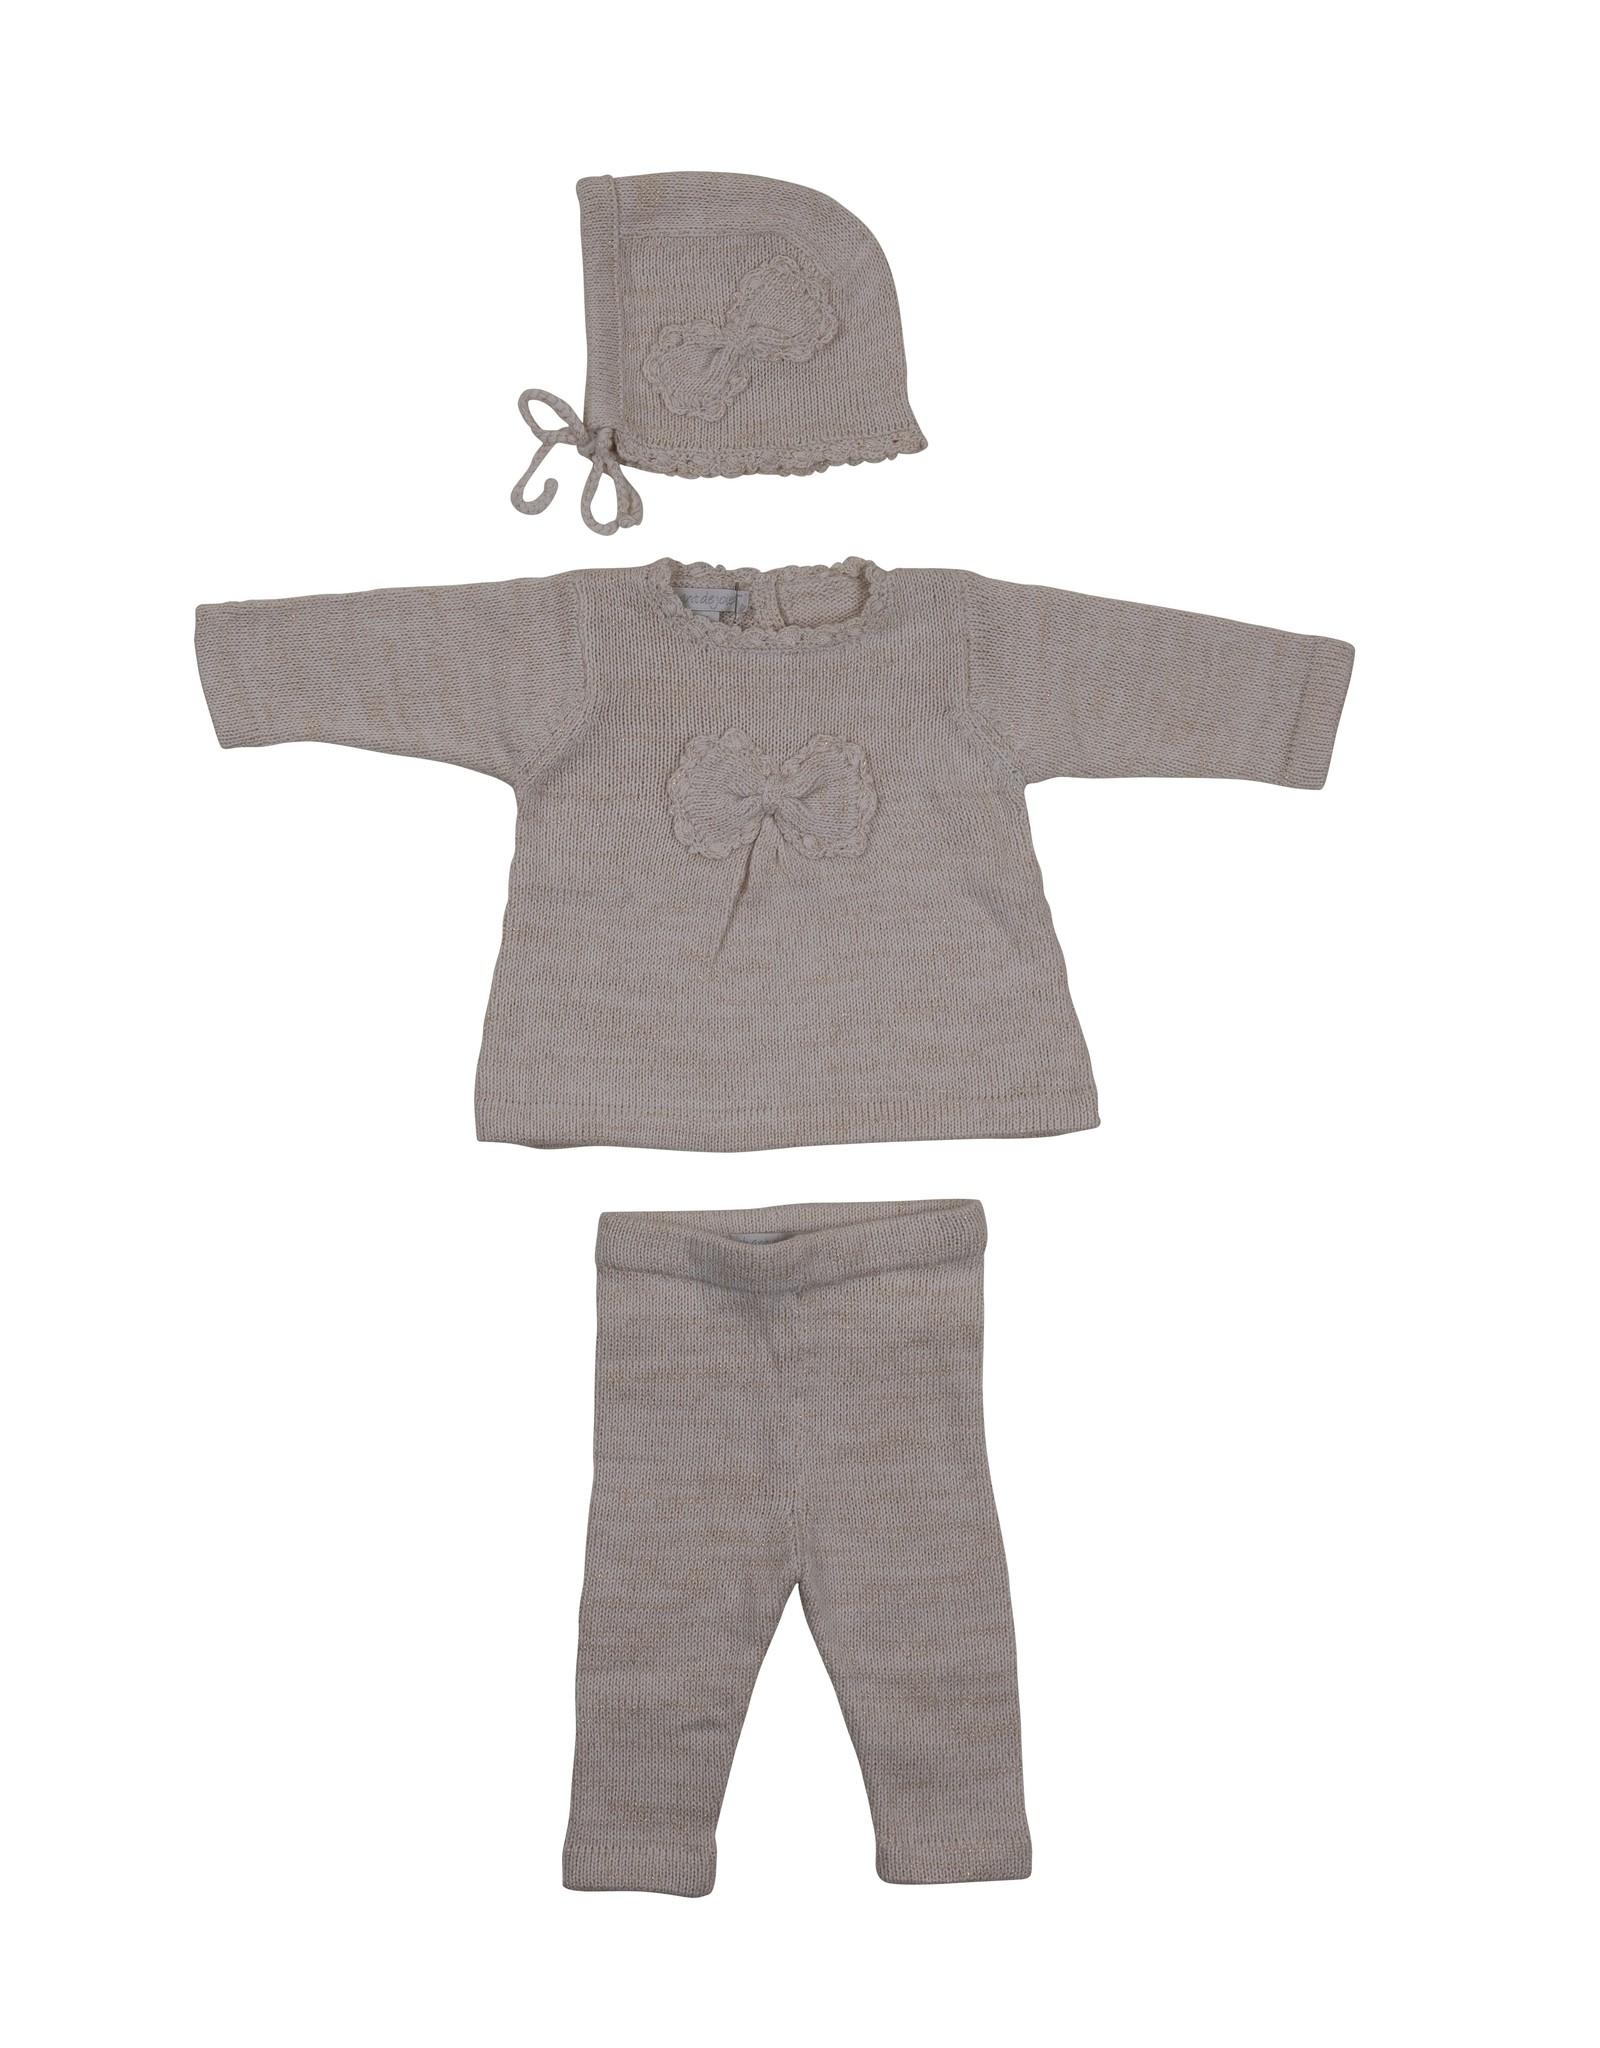 Chant De Joie Chant De Joie 3 Piece Knit Set with Lurex (Shirt/Pants/Bonnet)